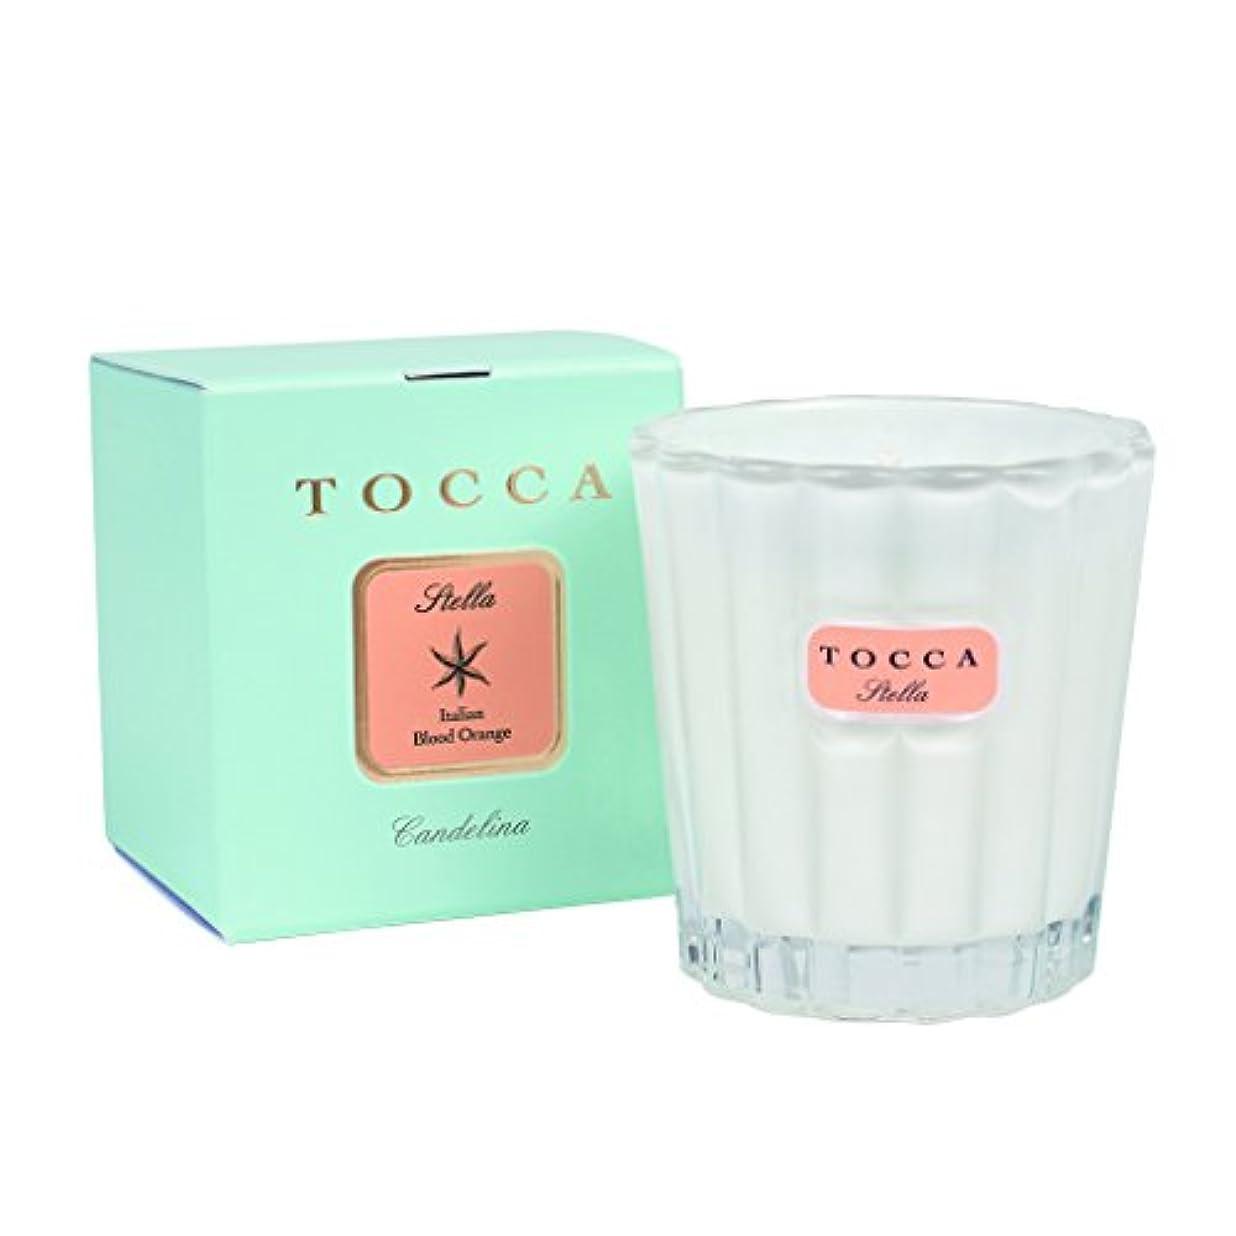 ナチュラルアッパー傘トッカ(TOCCA) キャンデリーナ ステラ 88g (キャンドル ろうそく シトラス系でありながらほんのり甘く苦味を感じることのないさわやかな香り)